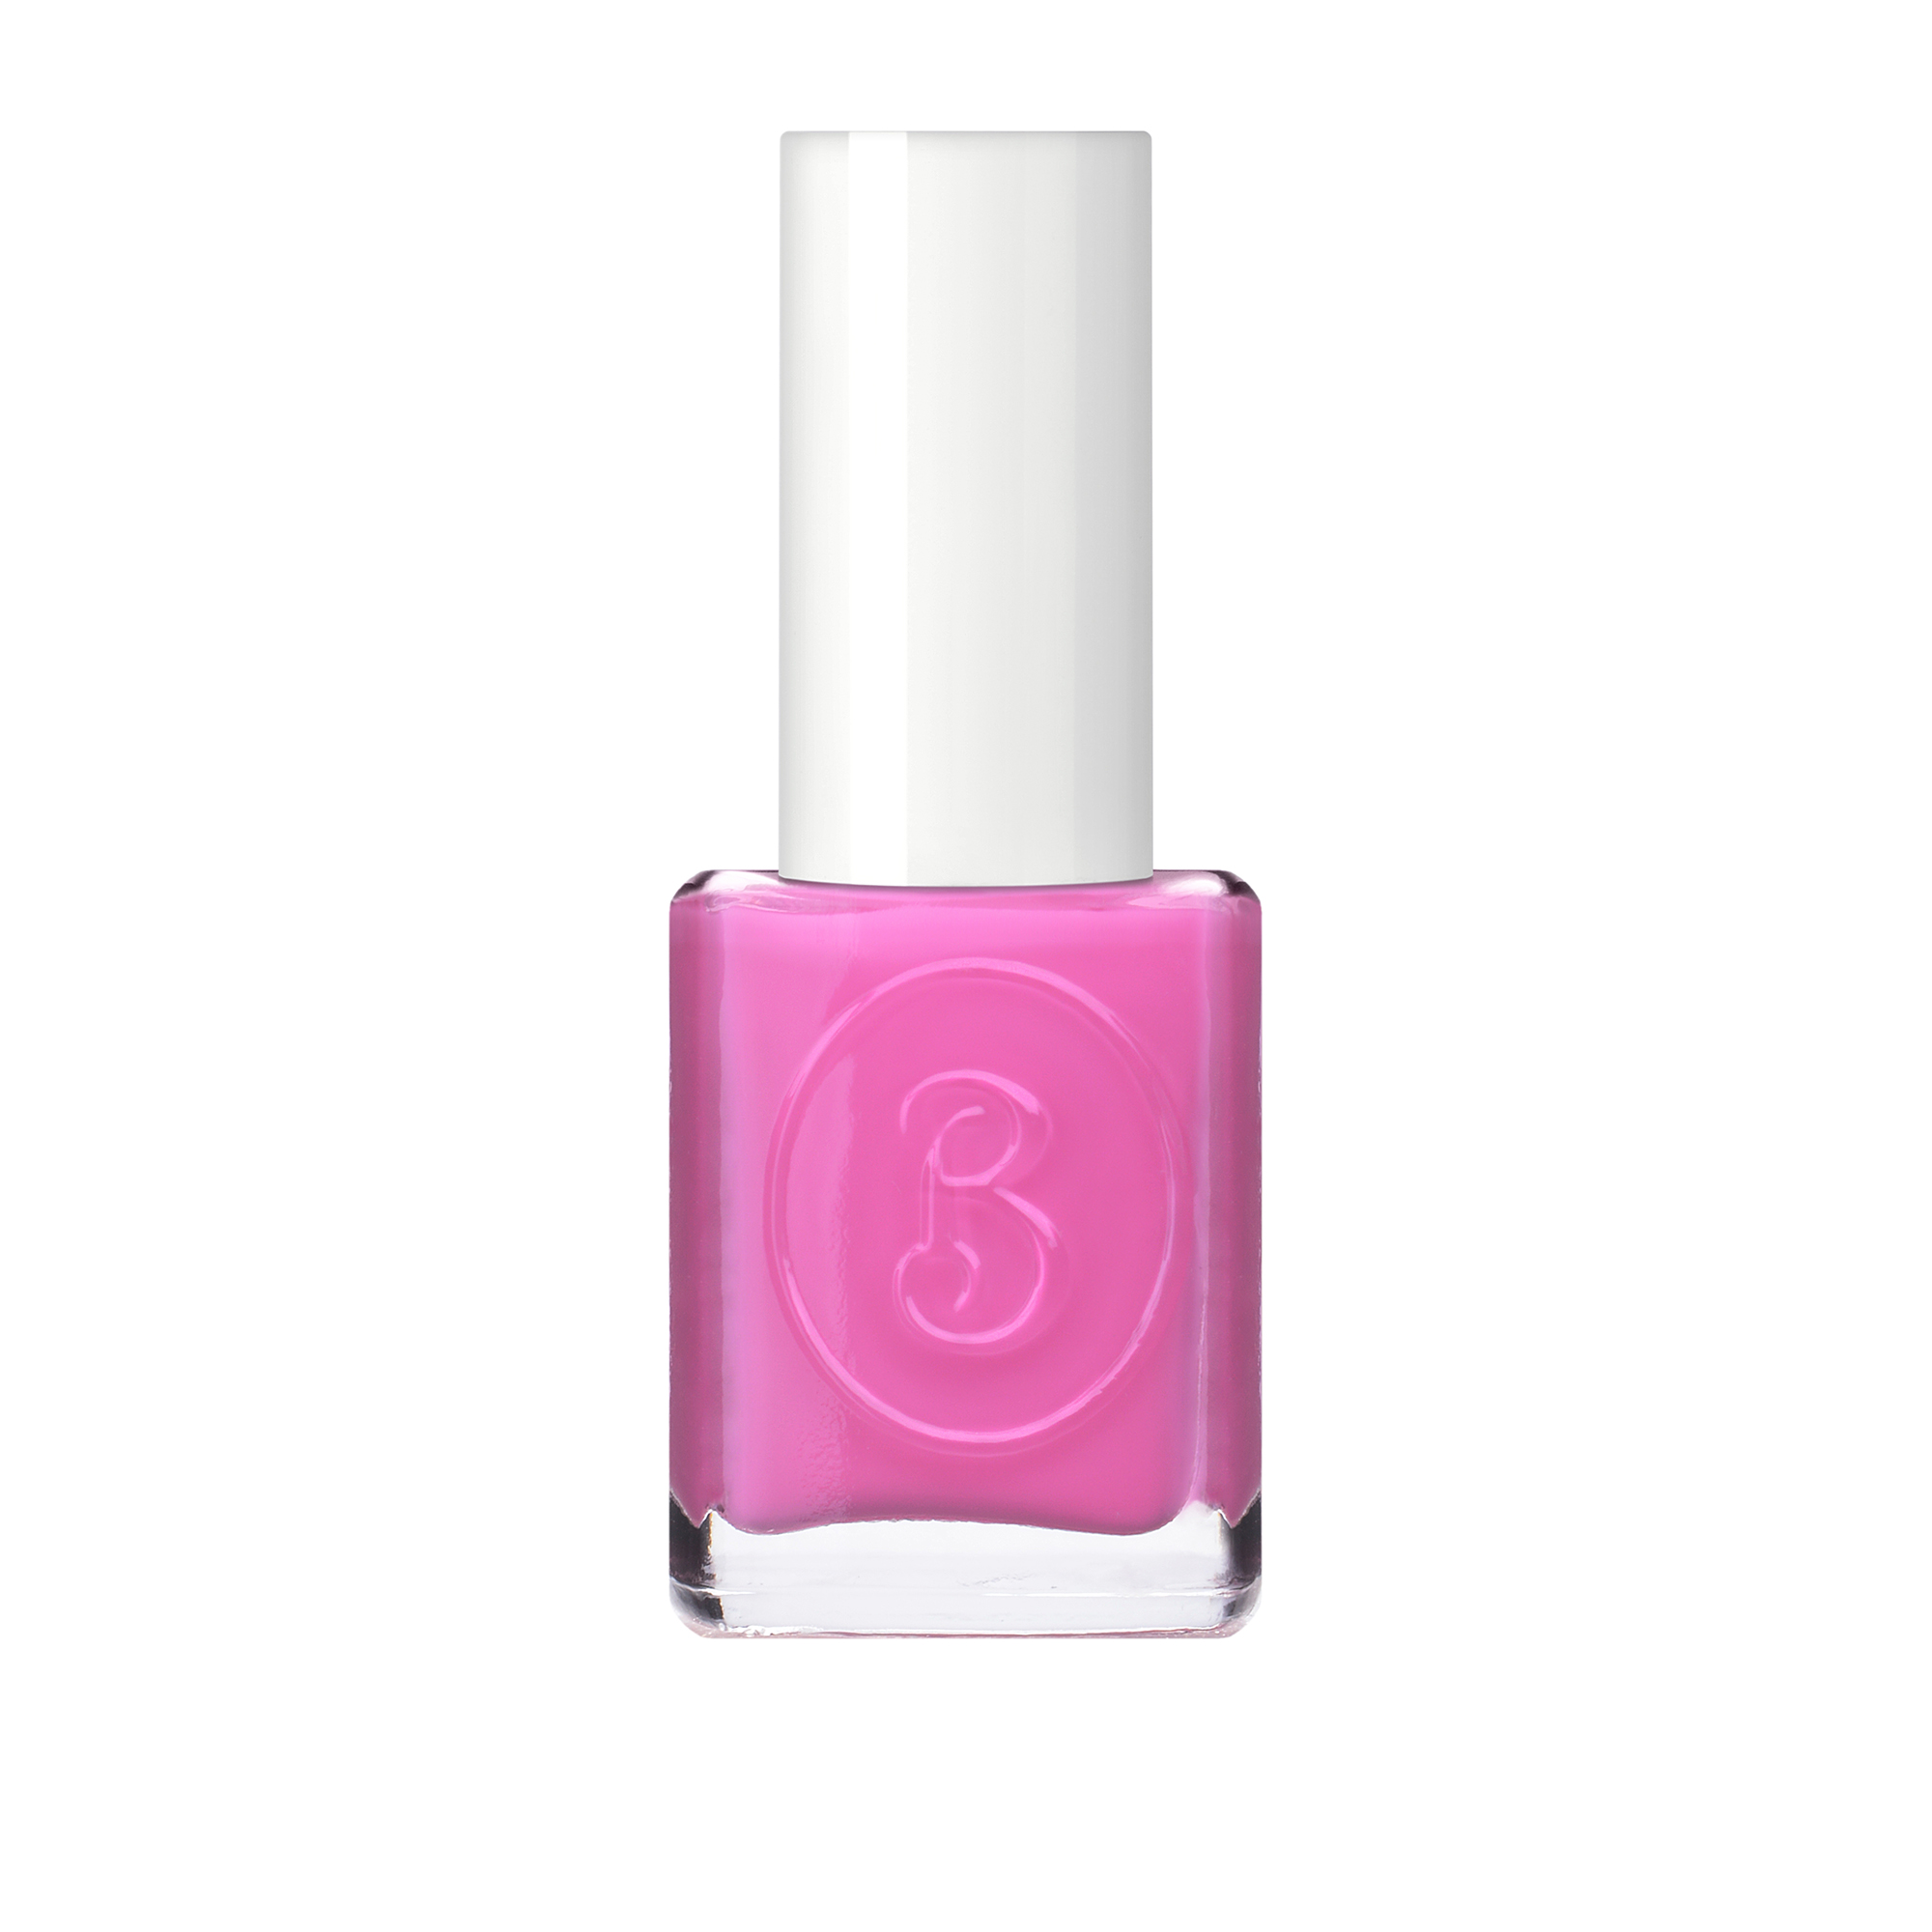 BERENICE 15 лак для ногтей Розовое мороженное / Pink ice cream 16мл